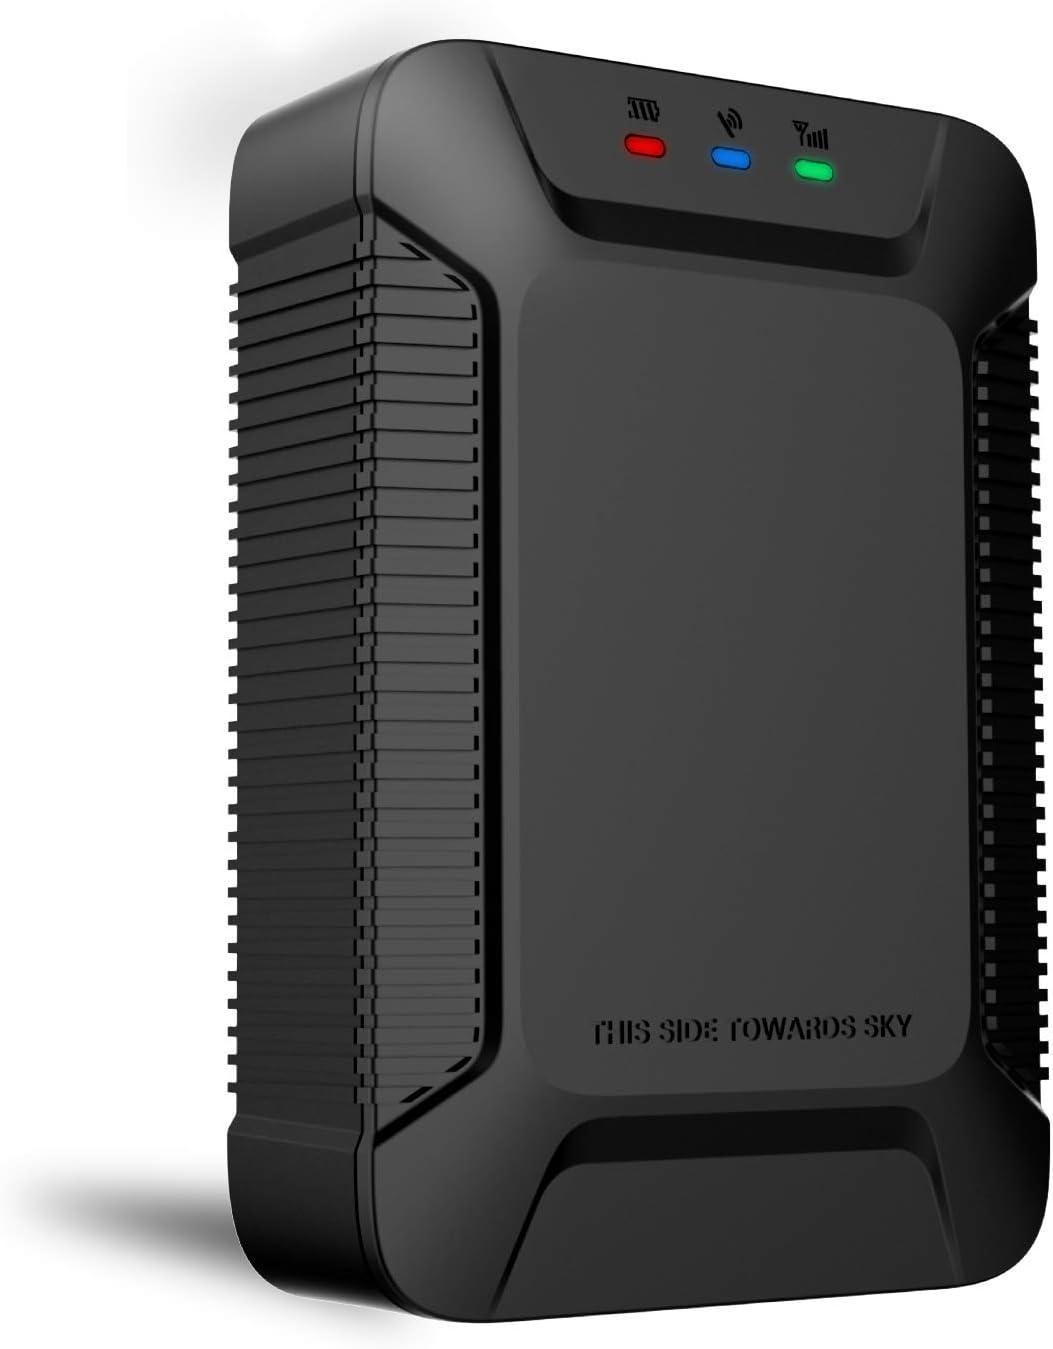 X3 GPS Tracker Localizador con Monitor de Aplicación, Lncoon Rastreador GPS Antirrobo de SMS Seguimiento en Tiempo Real para Coche Vehículos Moto Gestión de la Flota(1 año de Servicio de Plataforma)